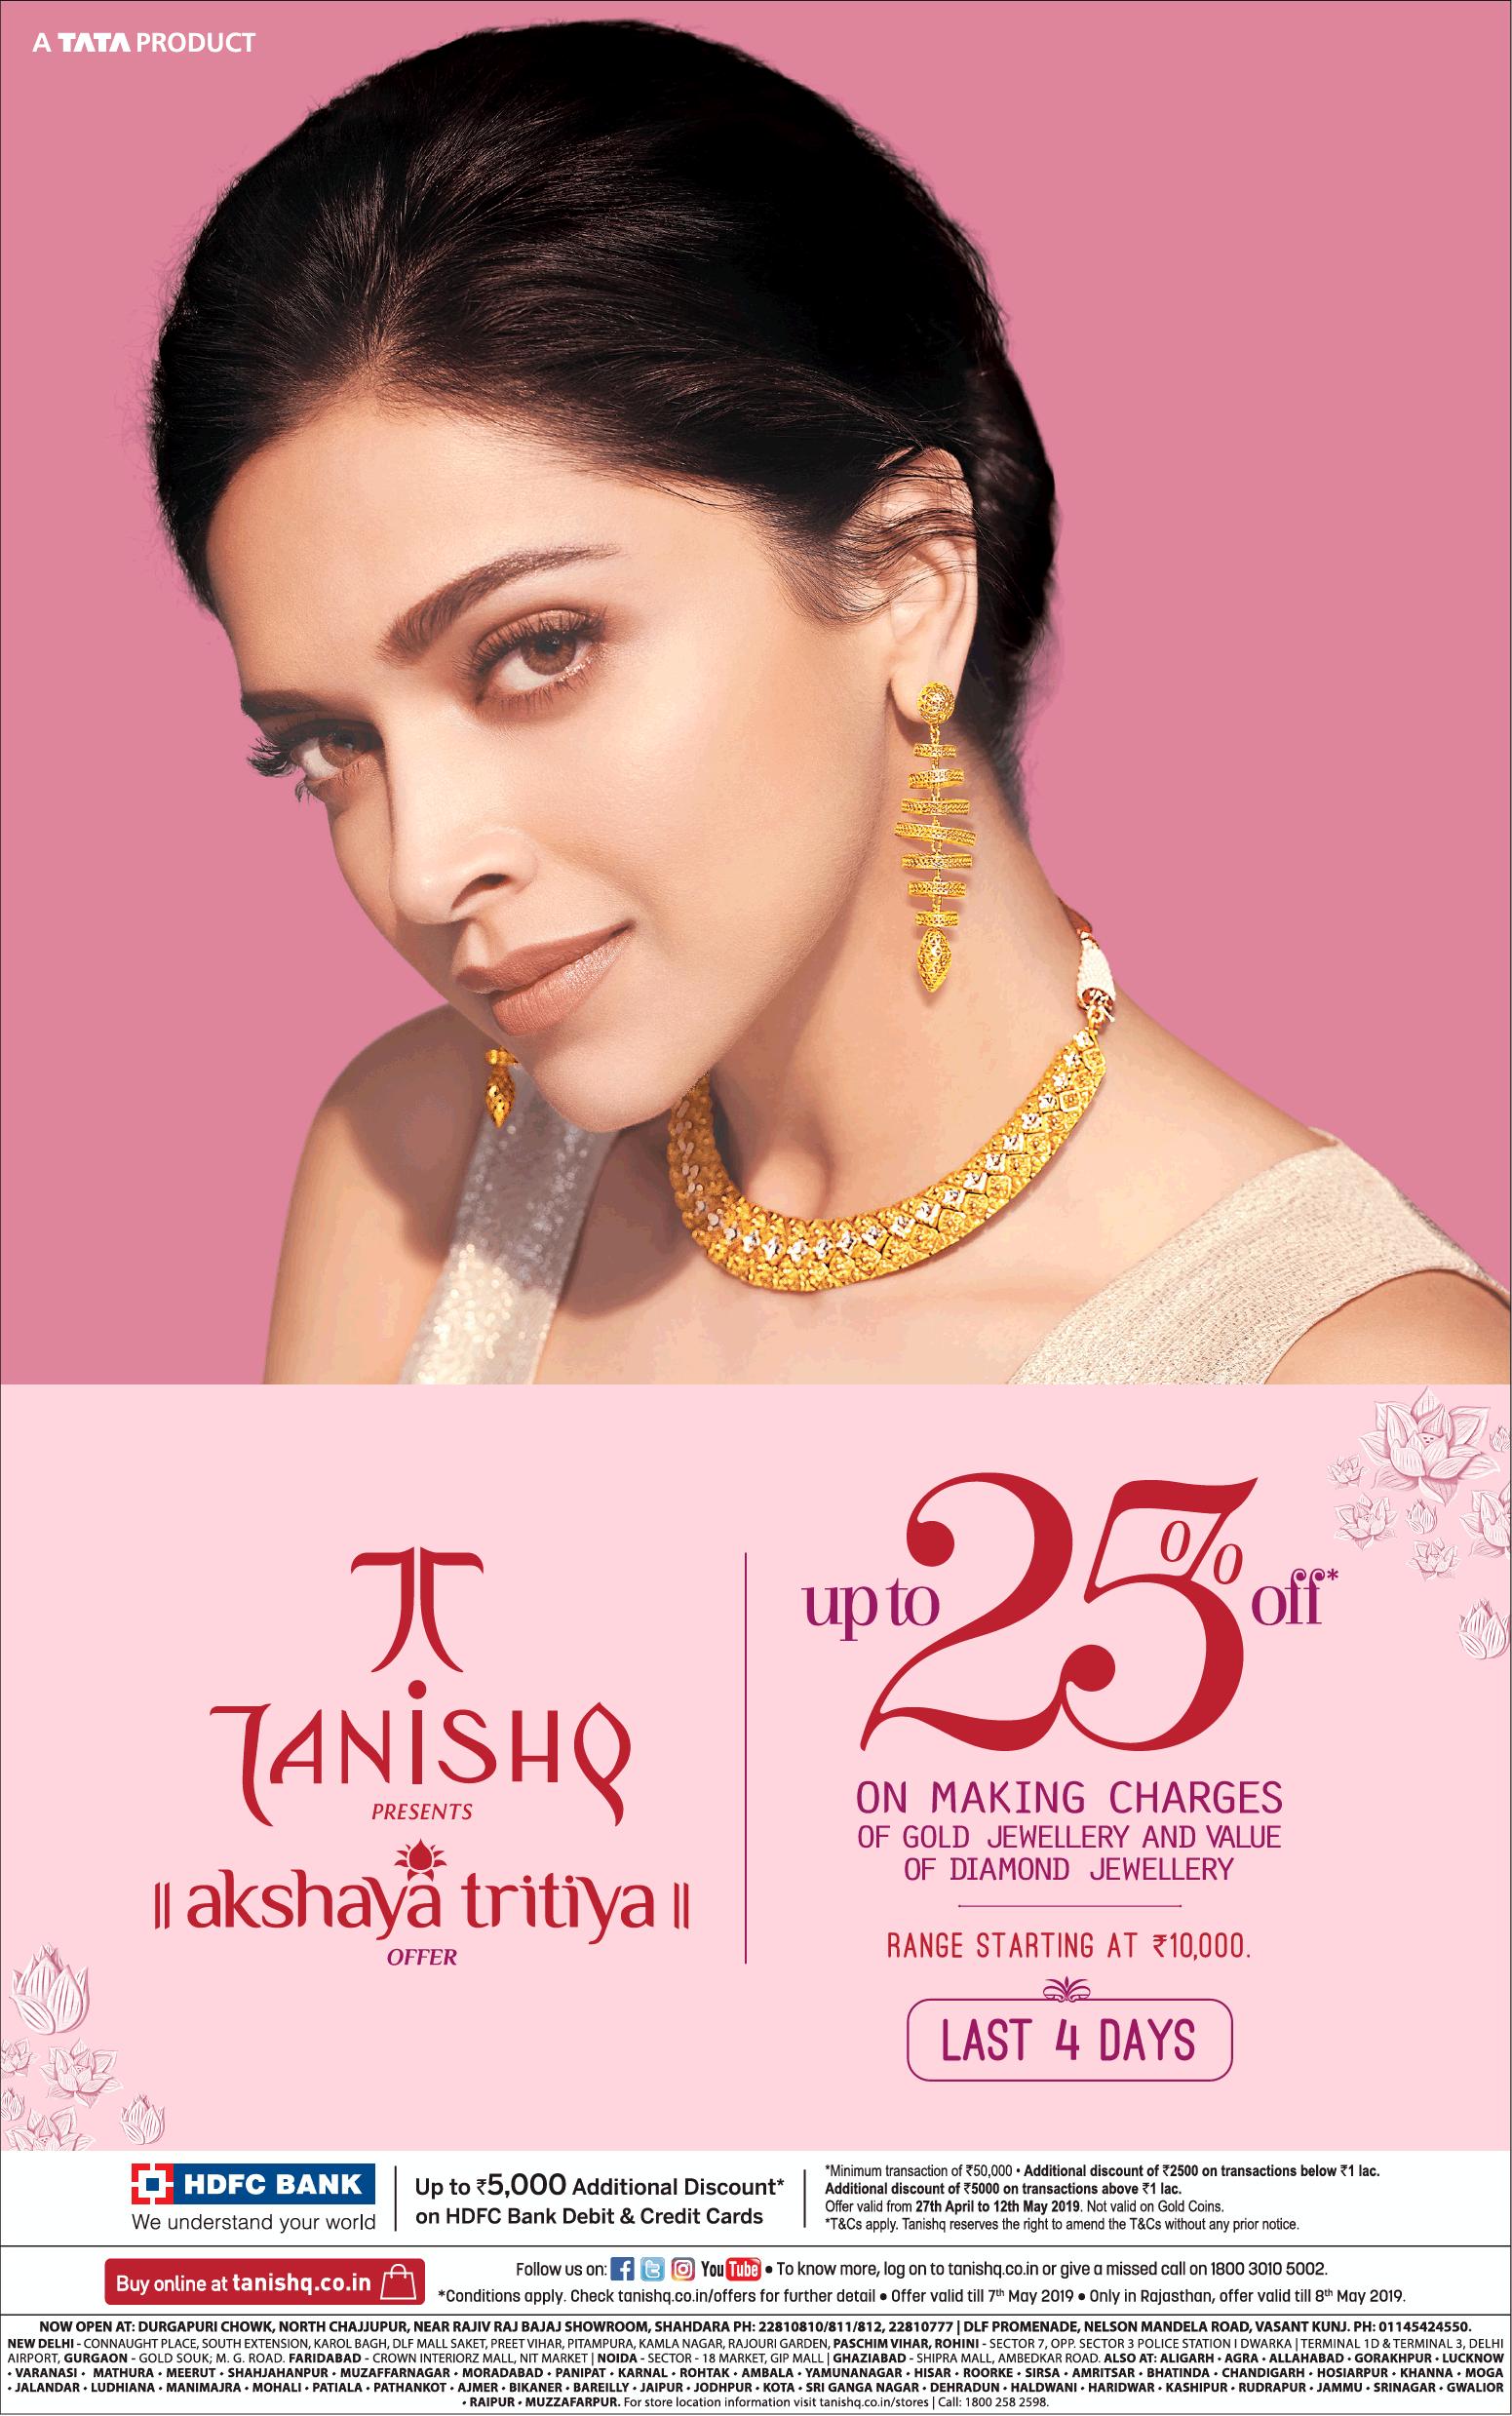 tanishq-jewellery-akshaya-tritiya-offers-upto-25%-off-ad-delhi-times-04-05-2019.png